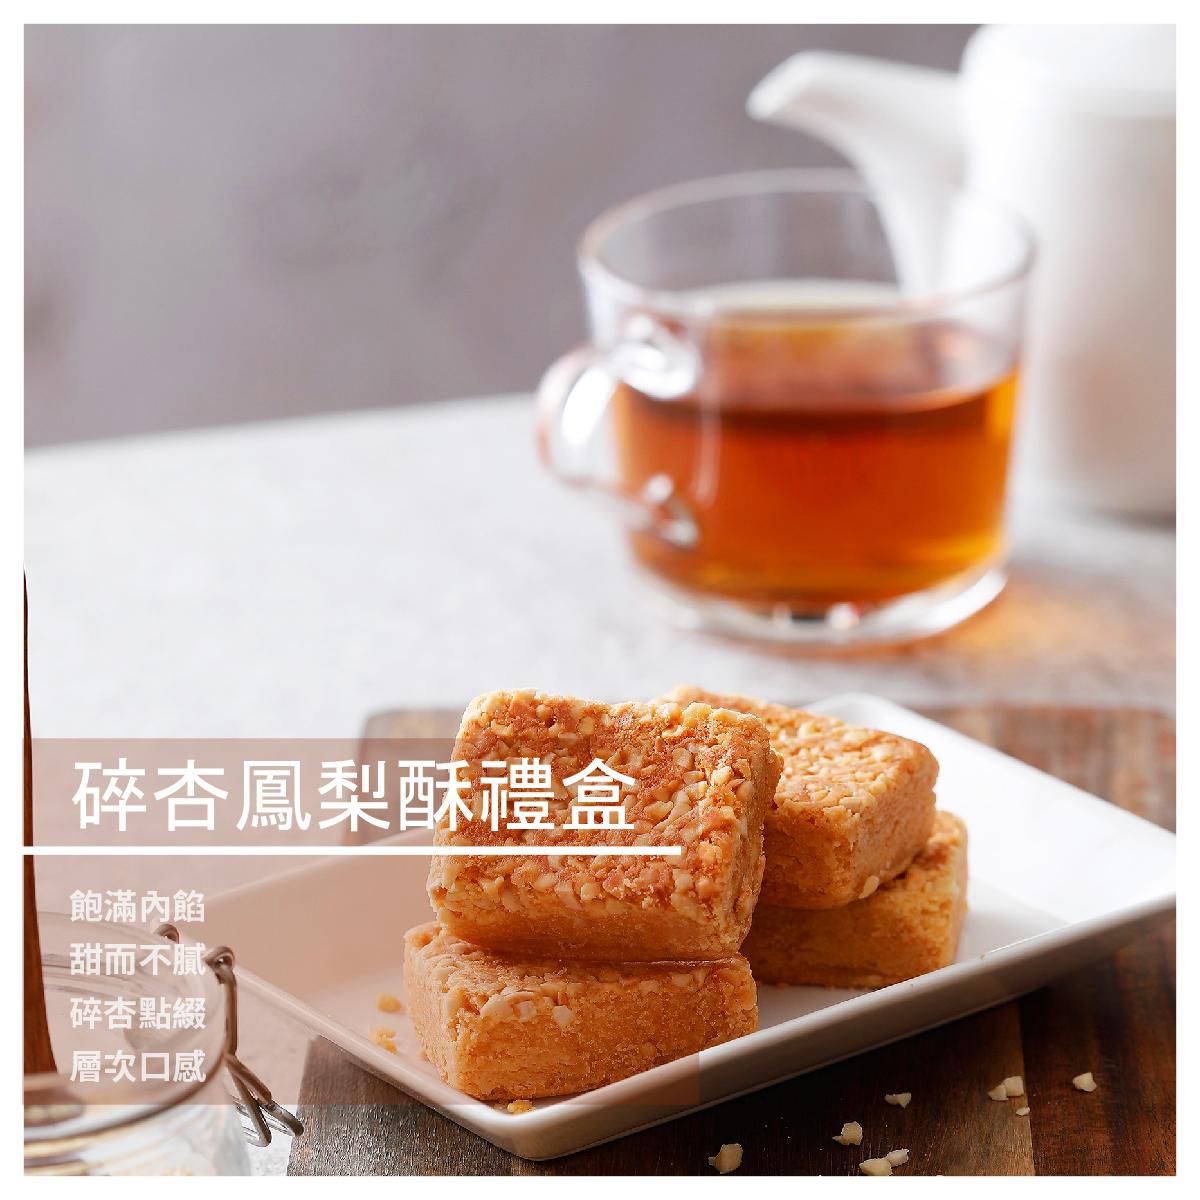 【和生御品】碎杏鳳梨酥禮盒/盒